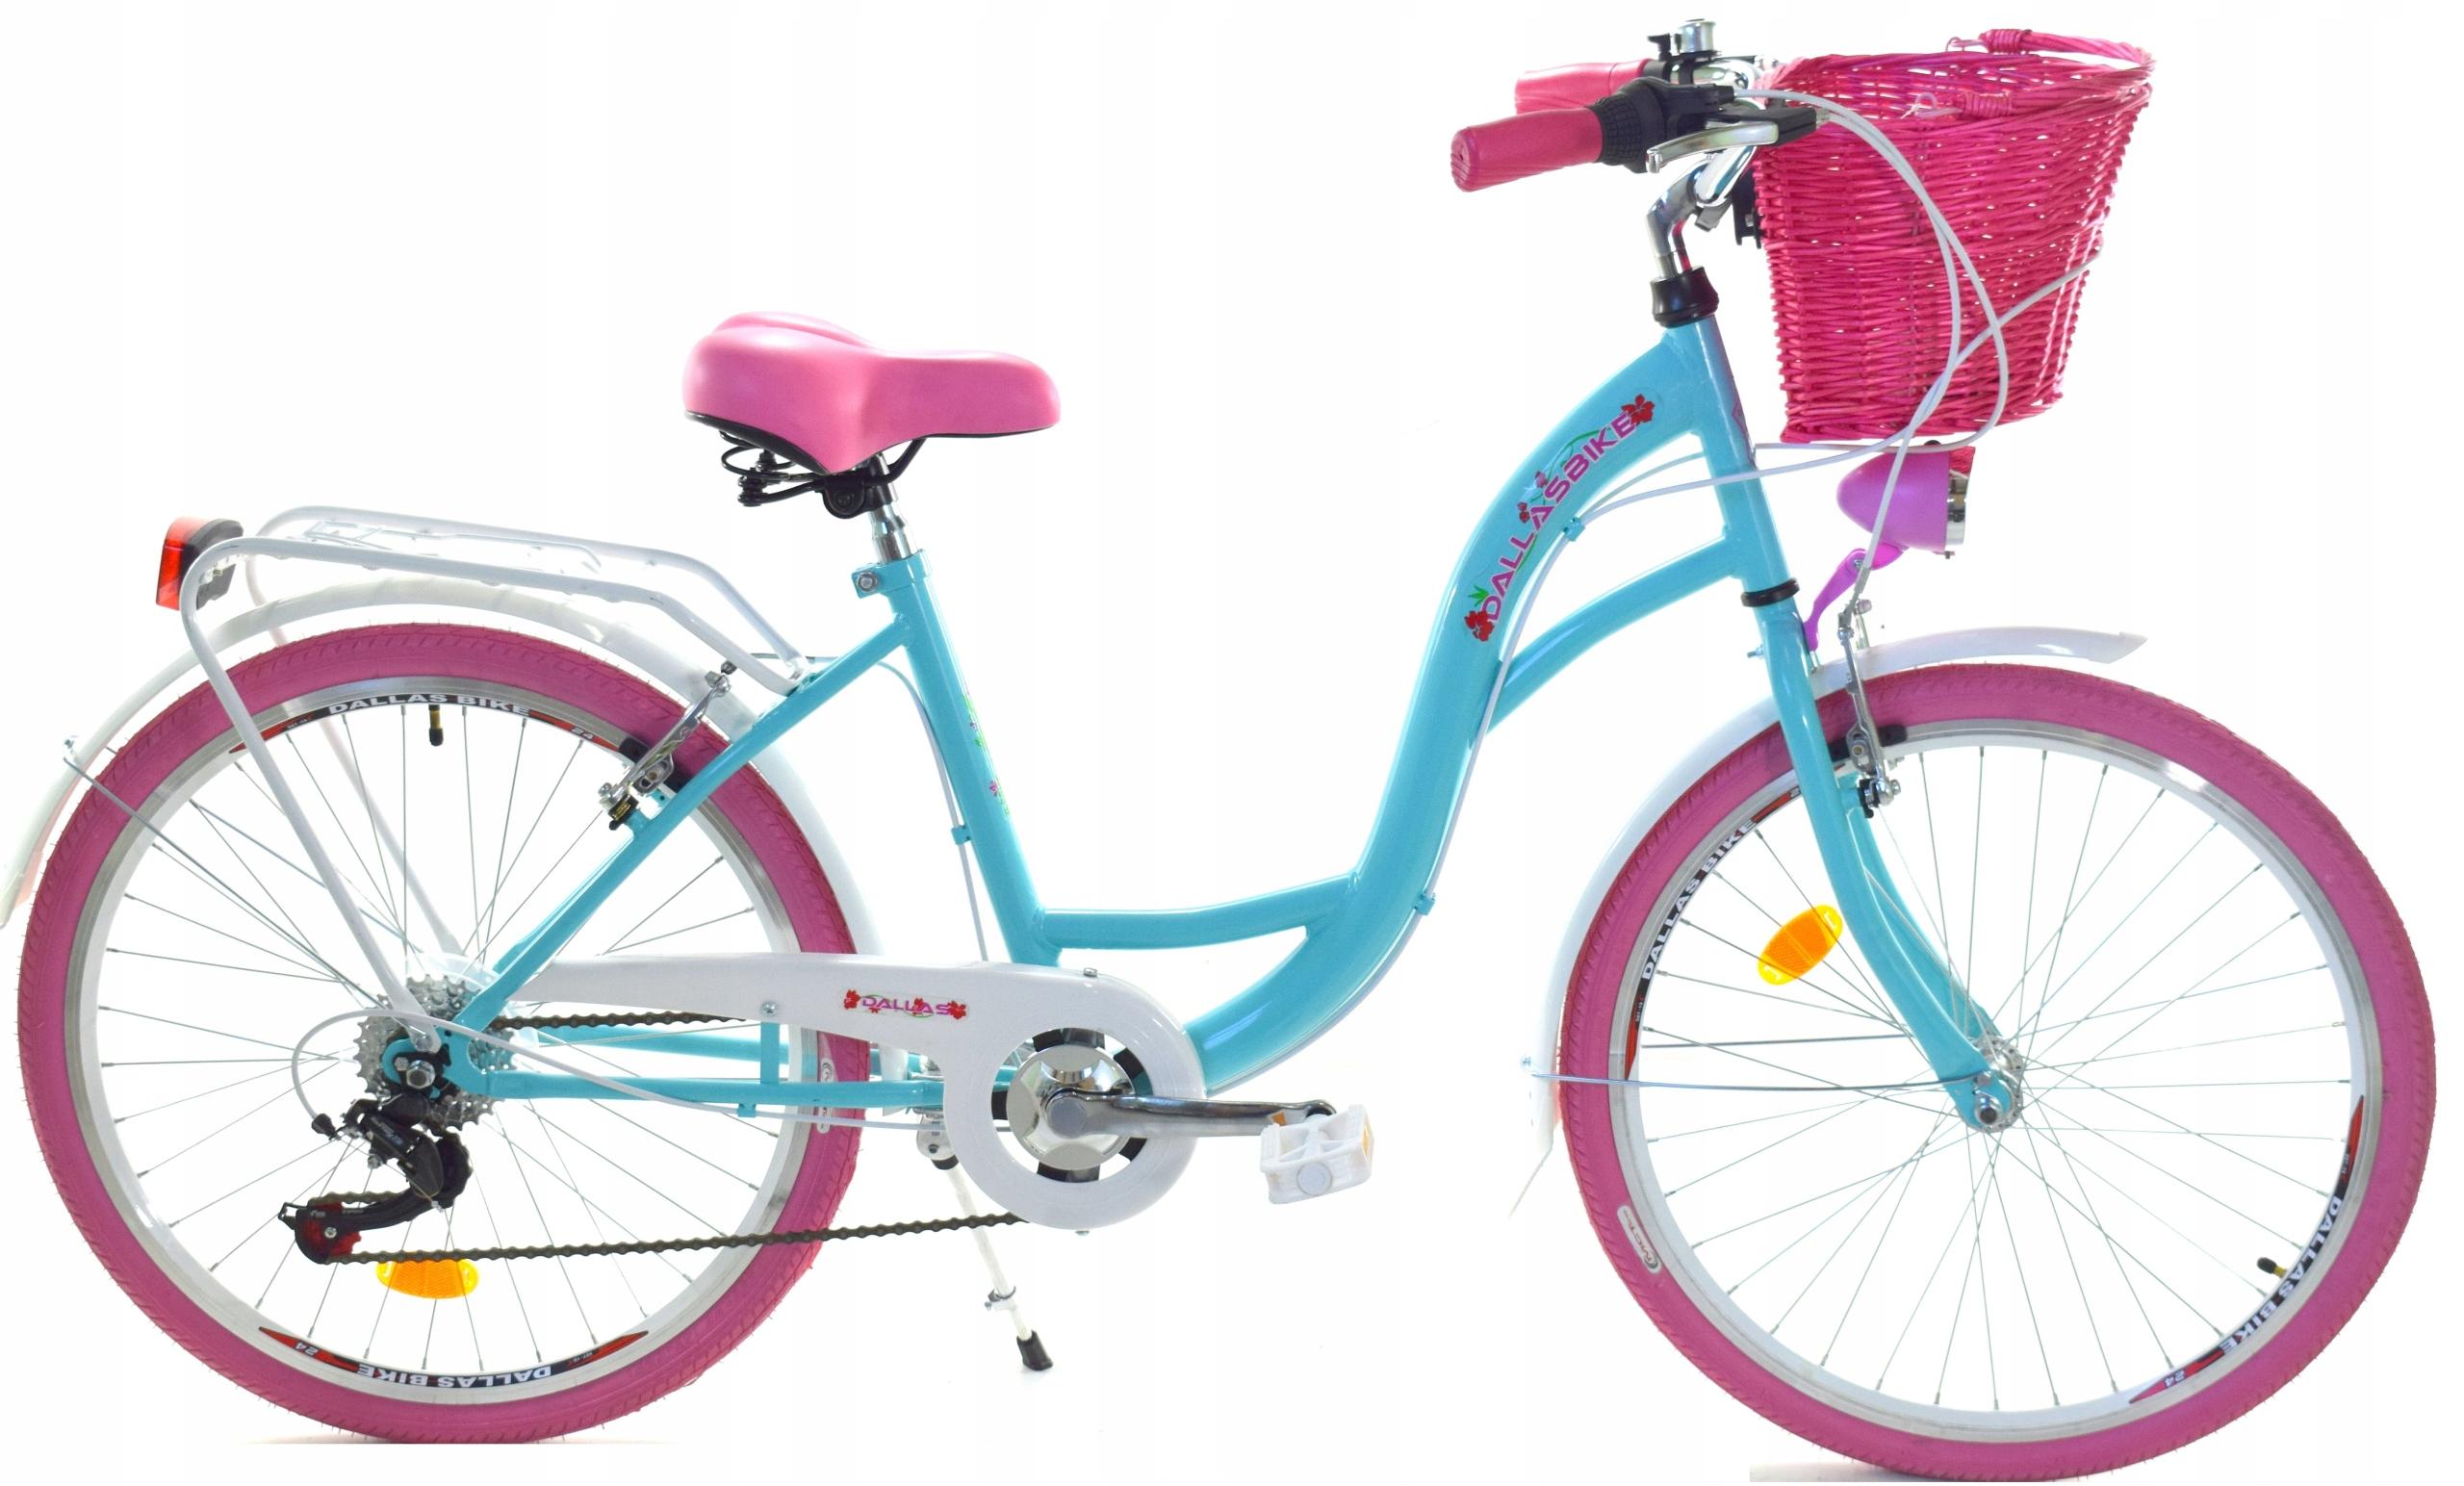 Dievčenský bicykel 26 rýchlostí Dallasu na prijímanie Veľkosť rámu 17 palcov